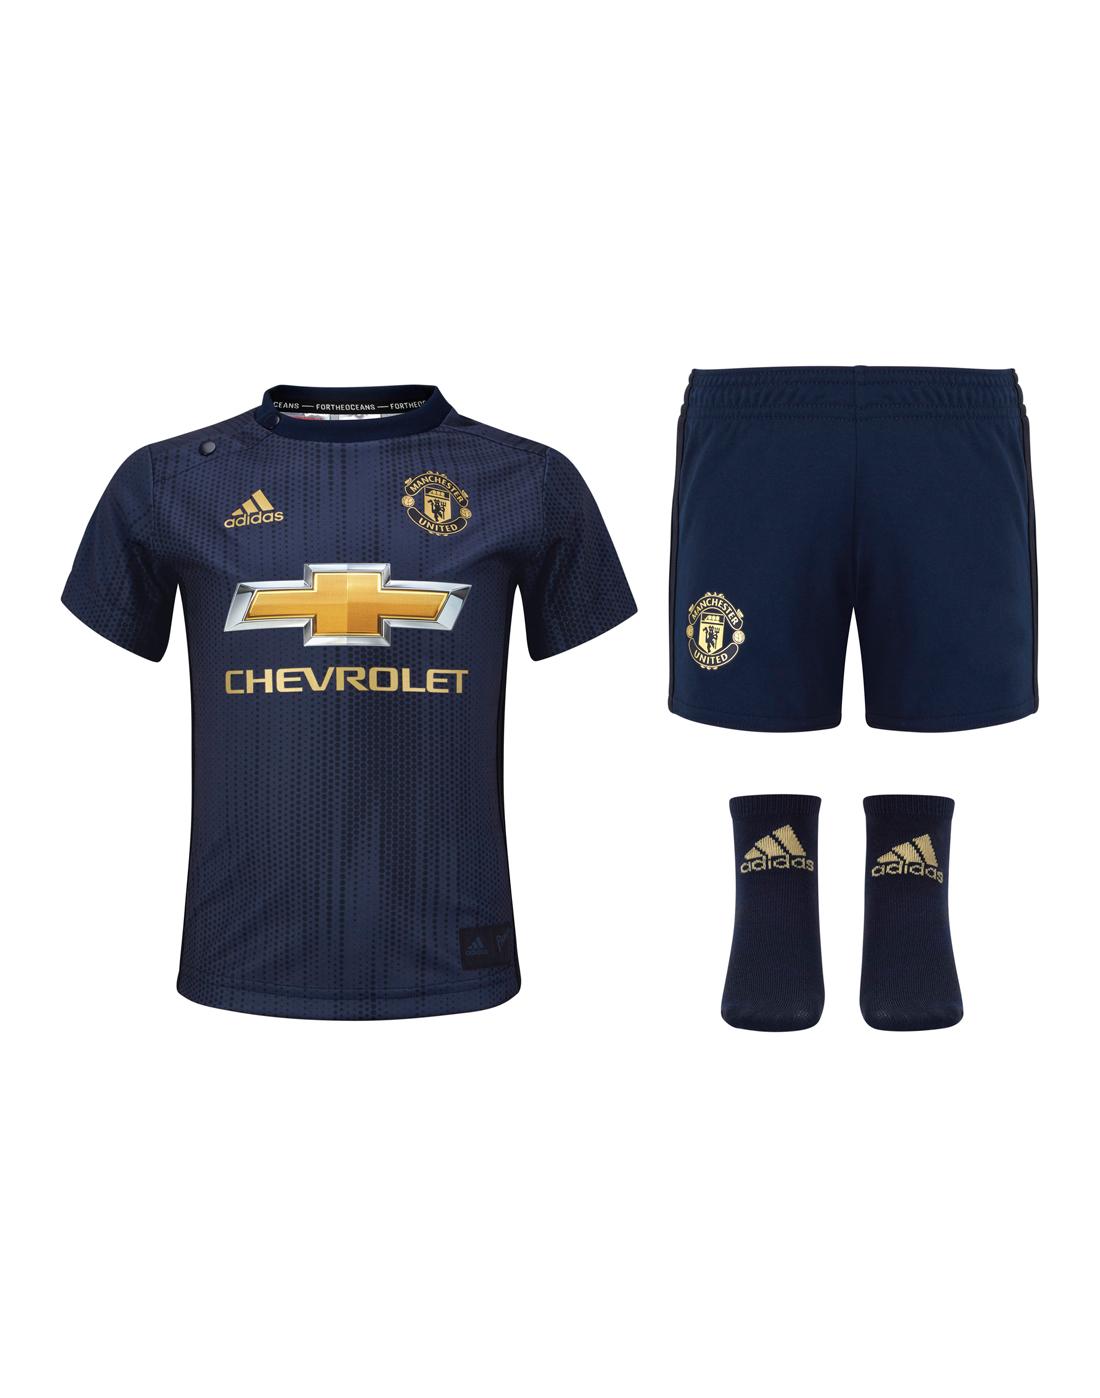 Infants Man United 18 19 Kit Adidas Life Style Sports